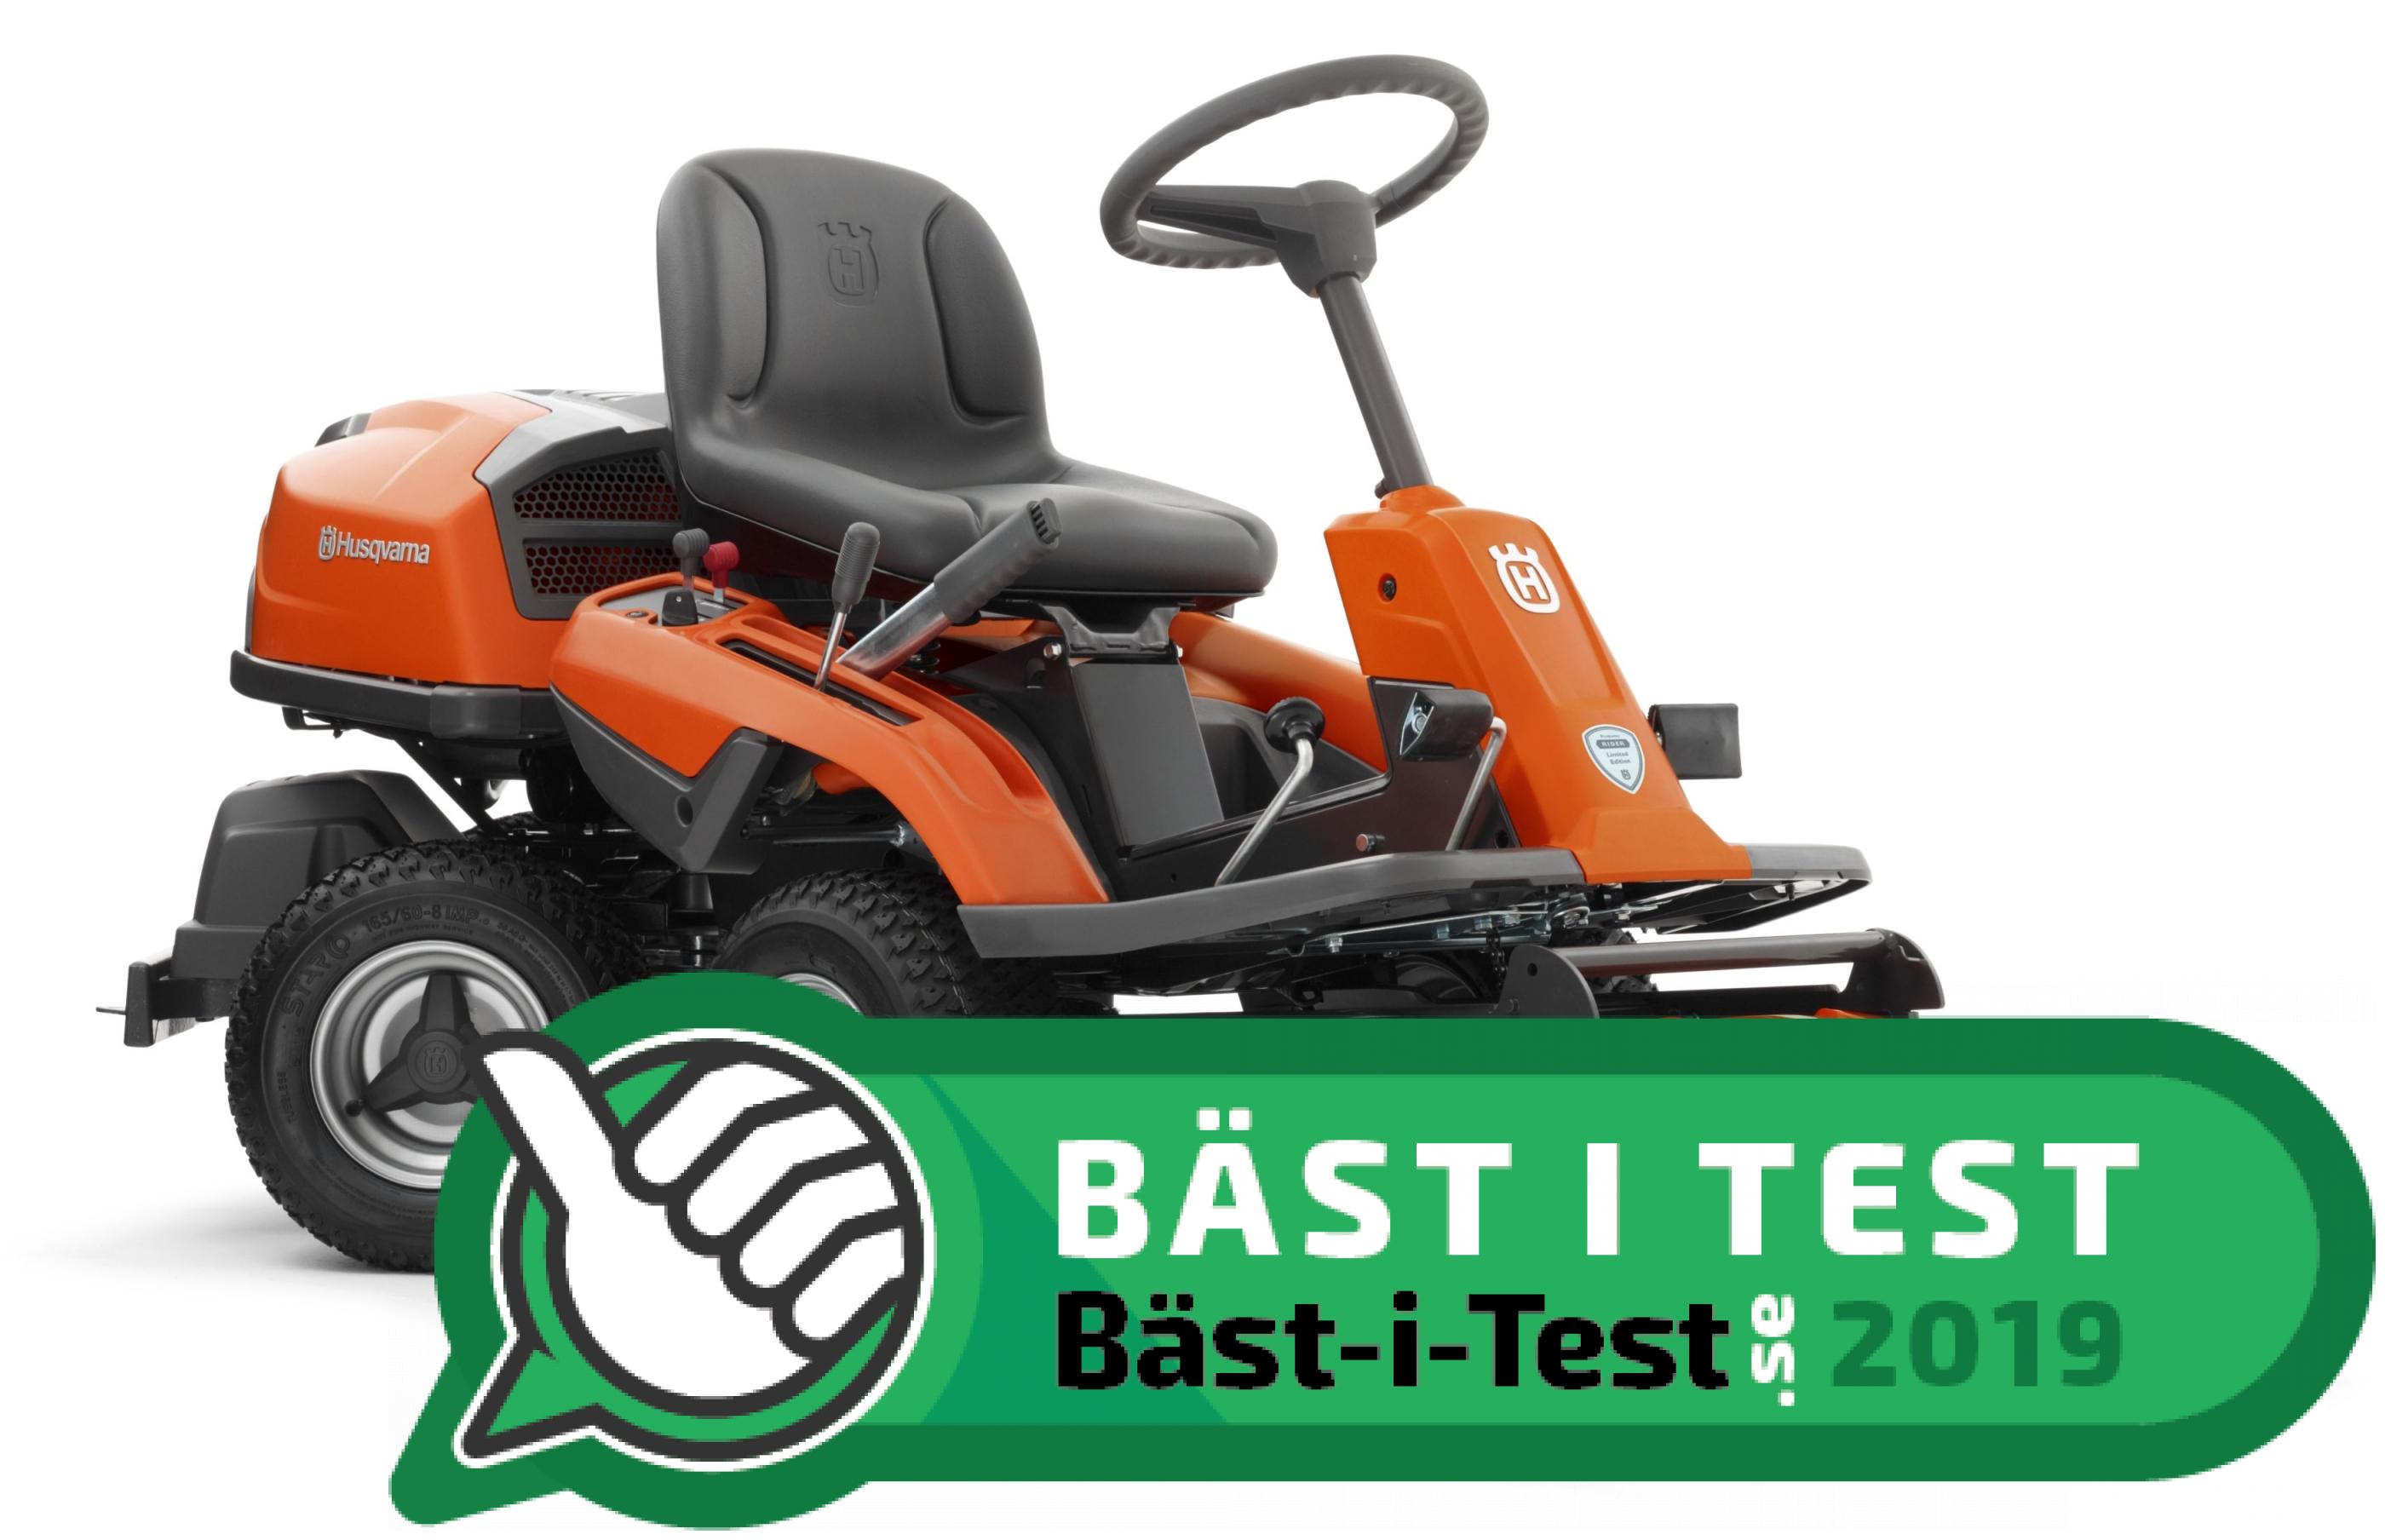 Toppen Åkgräsklippare / trädgårdstraktor: 10 modeller i test (2019 TT-96